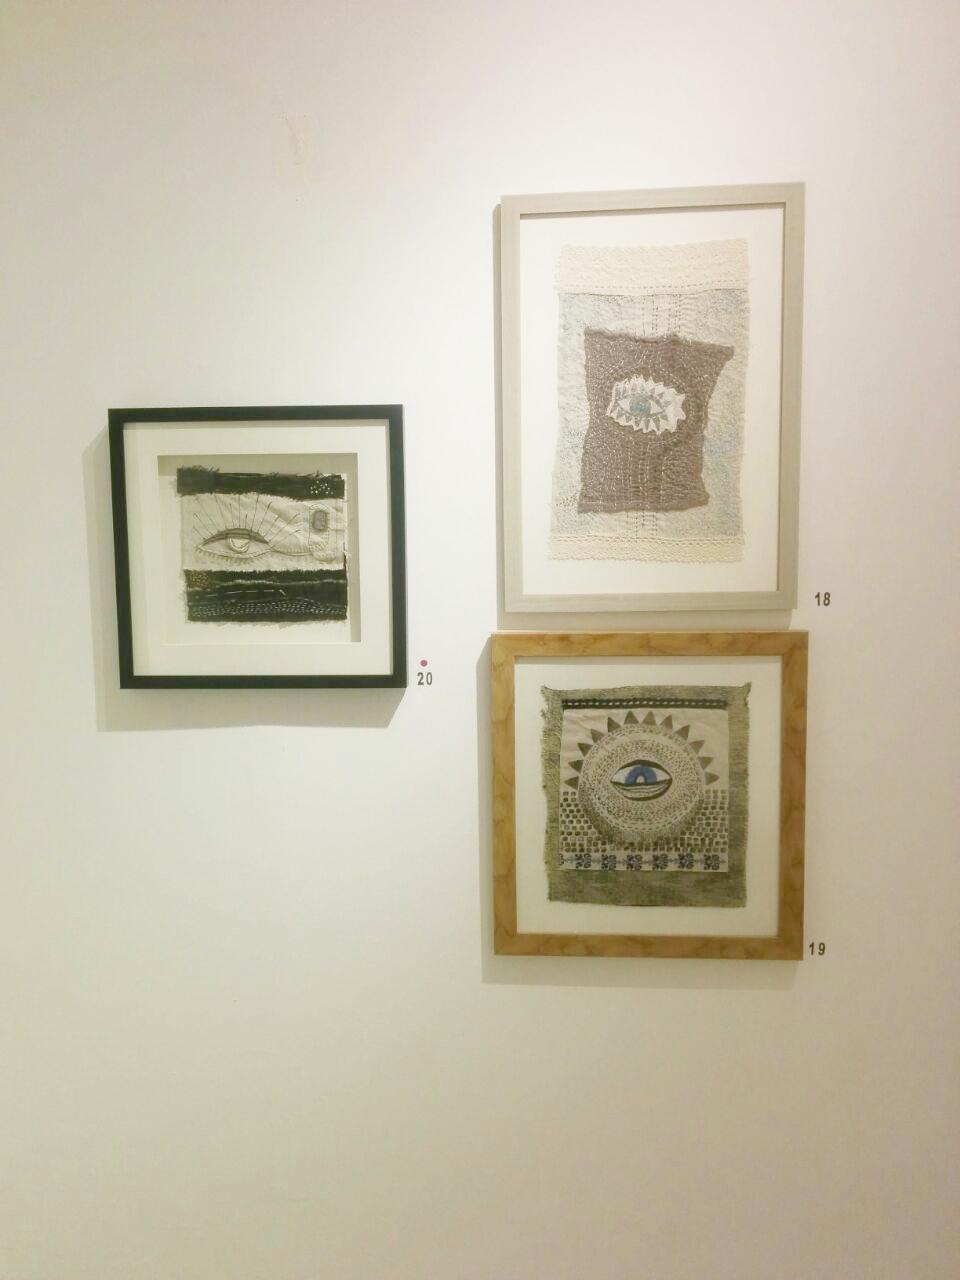 Shereen Qutteineh's interpretation of art using textiles